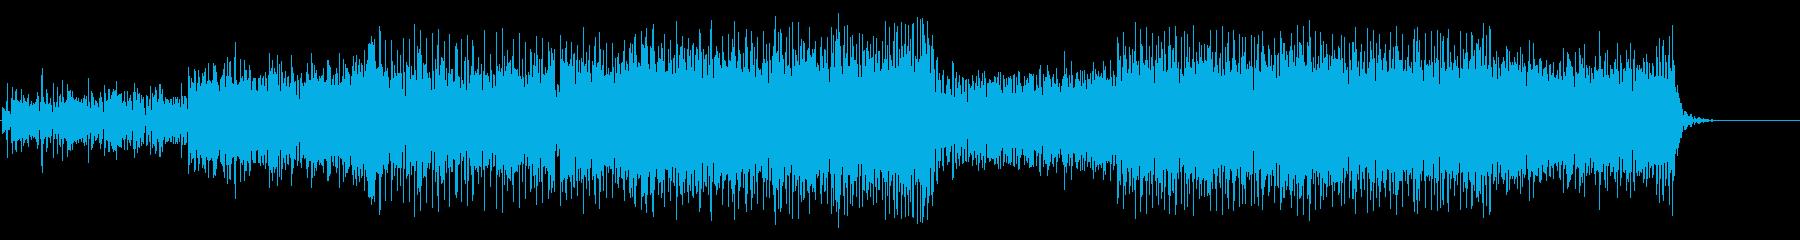 陰鬱な精神世界のクールなマイナーテクノの再生済みの波形